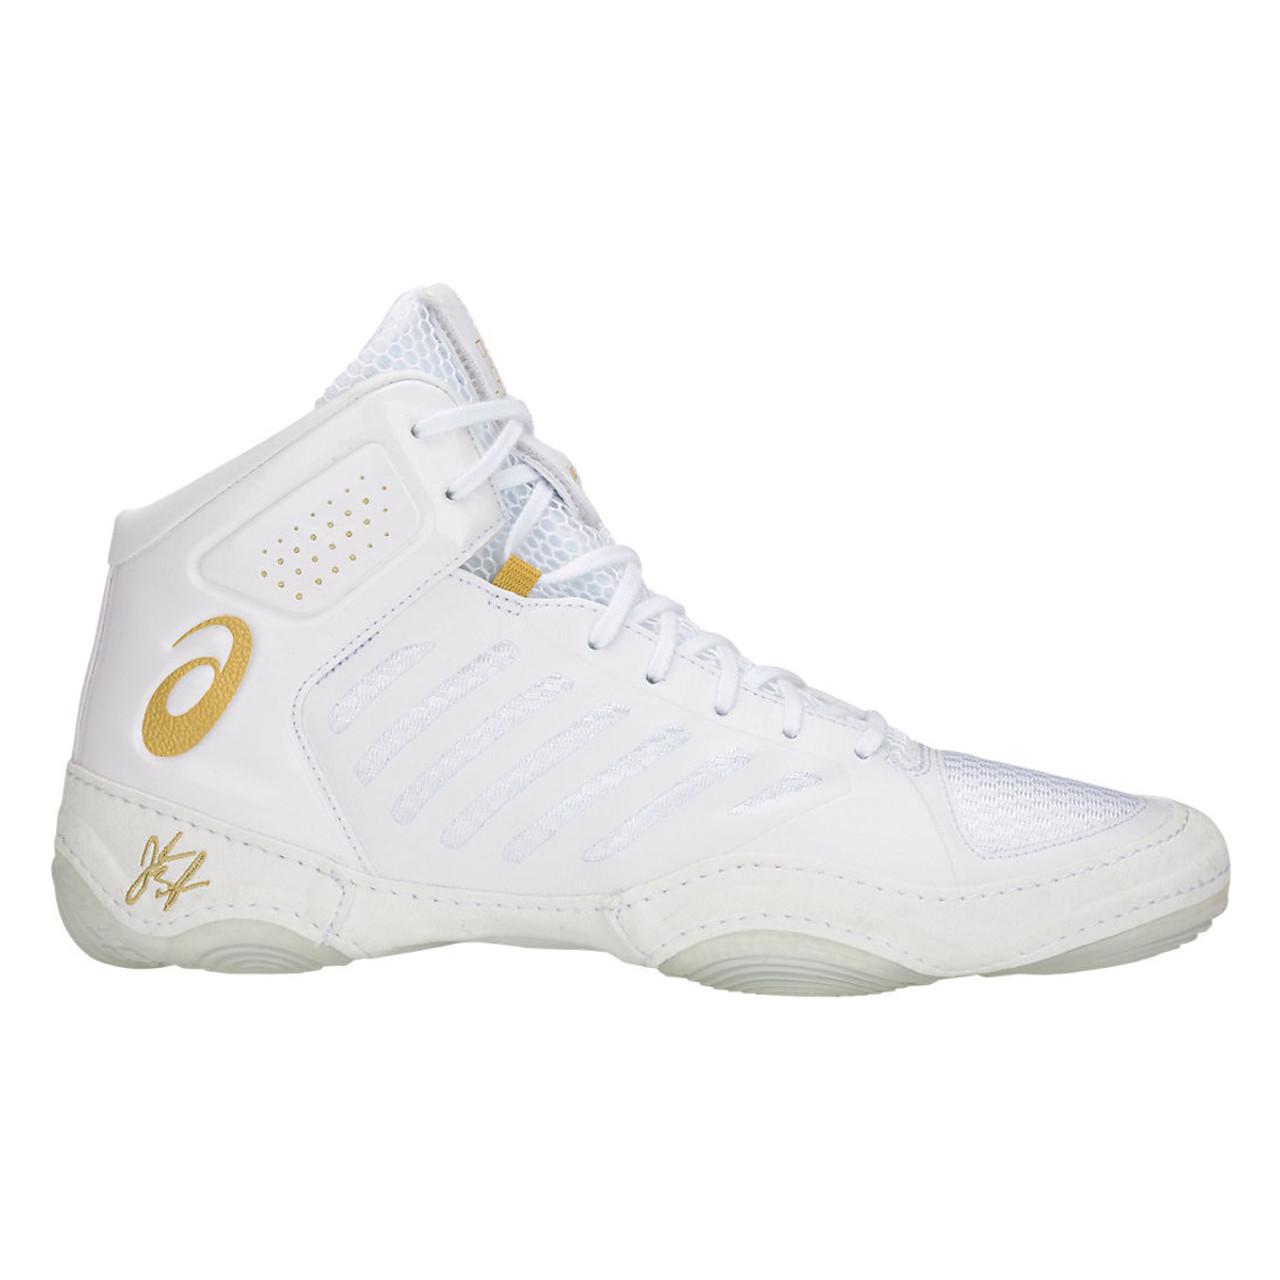 fa9cdbf5e81439 Asics JB Elite III Men s Westling Shoes - White